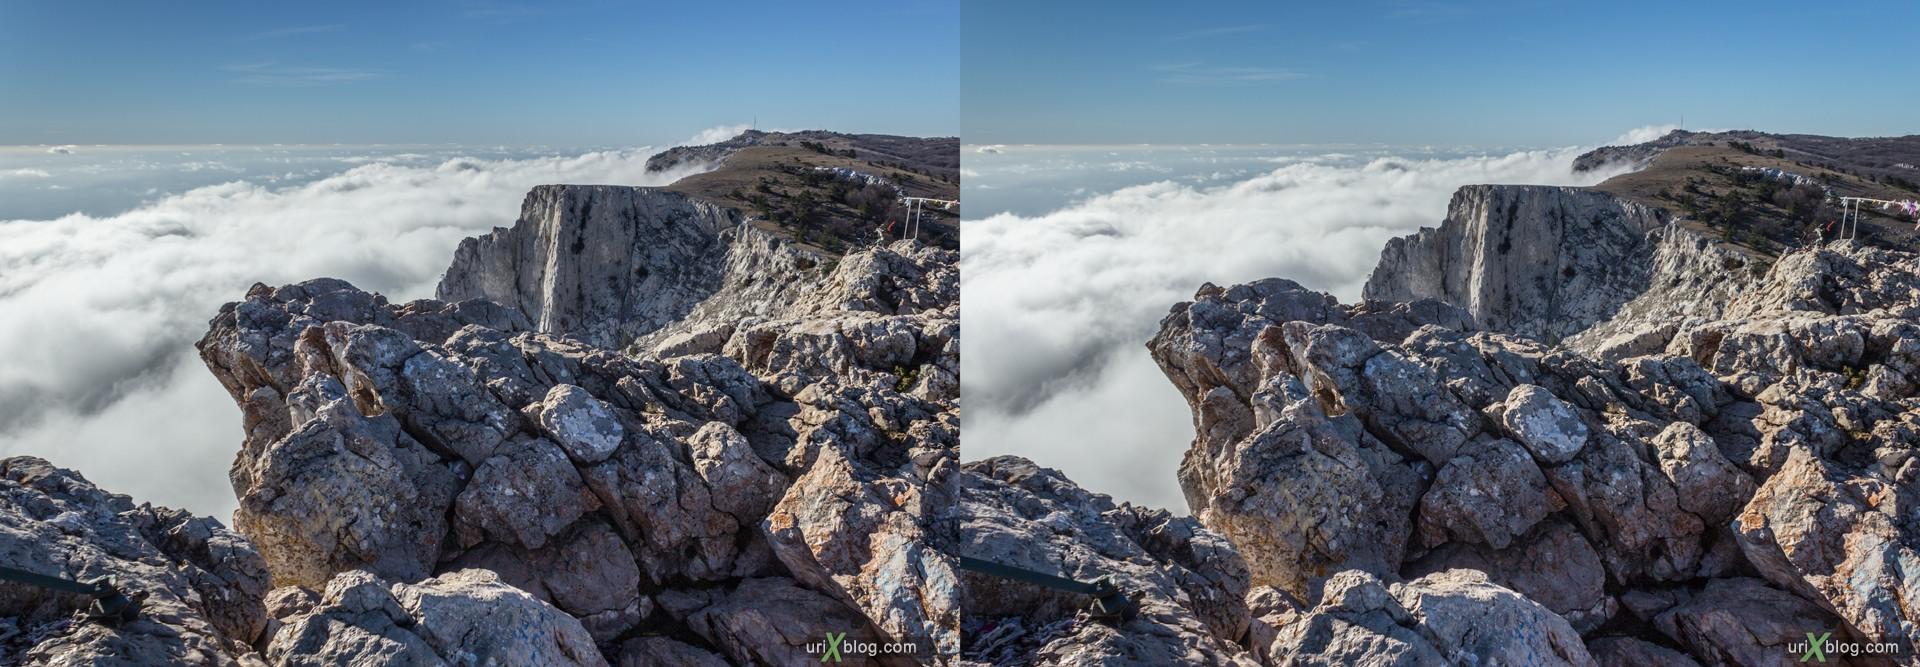 2012, Крым, Россия, Украина, Ай-Петри, Горы, скалы, небо, облака, яйла, зима, 3D, перекрёстная стереопара, стерео, стереопара